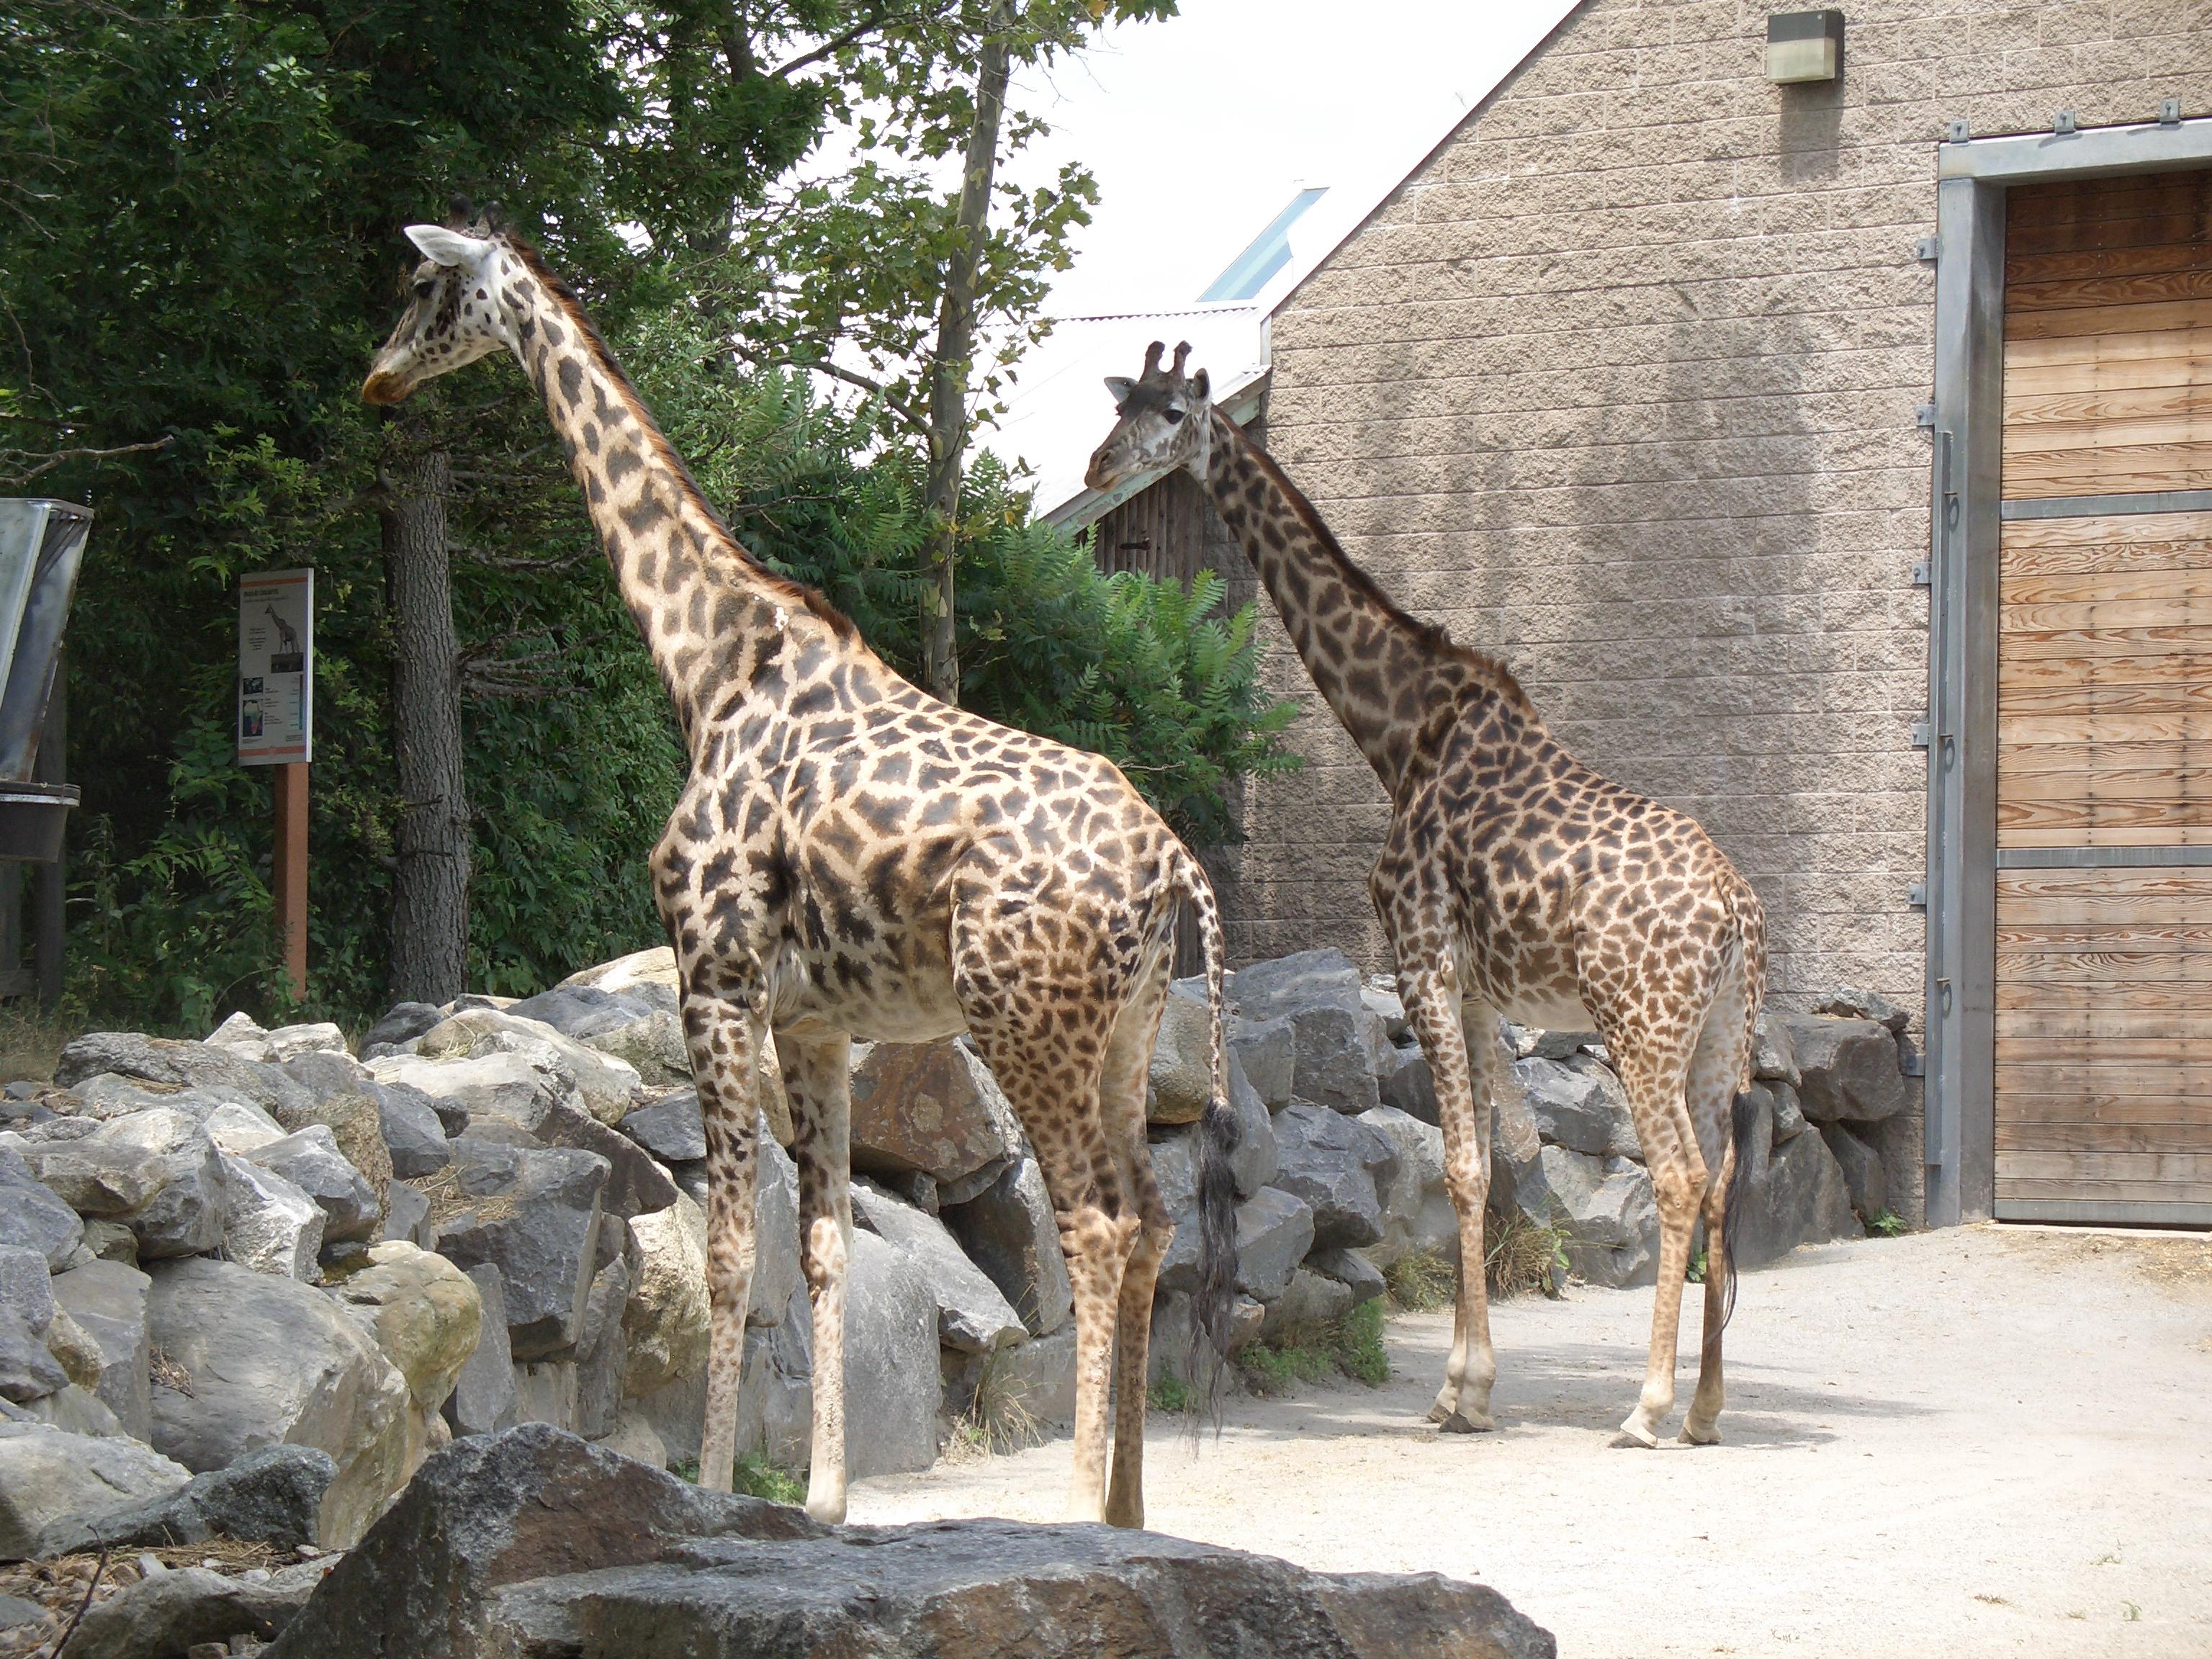 File:Giraffa camelopardalis -Roger Williams Park Zoo, USA-8a.jpg  Zoo